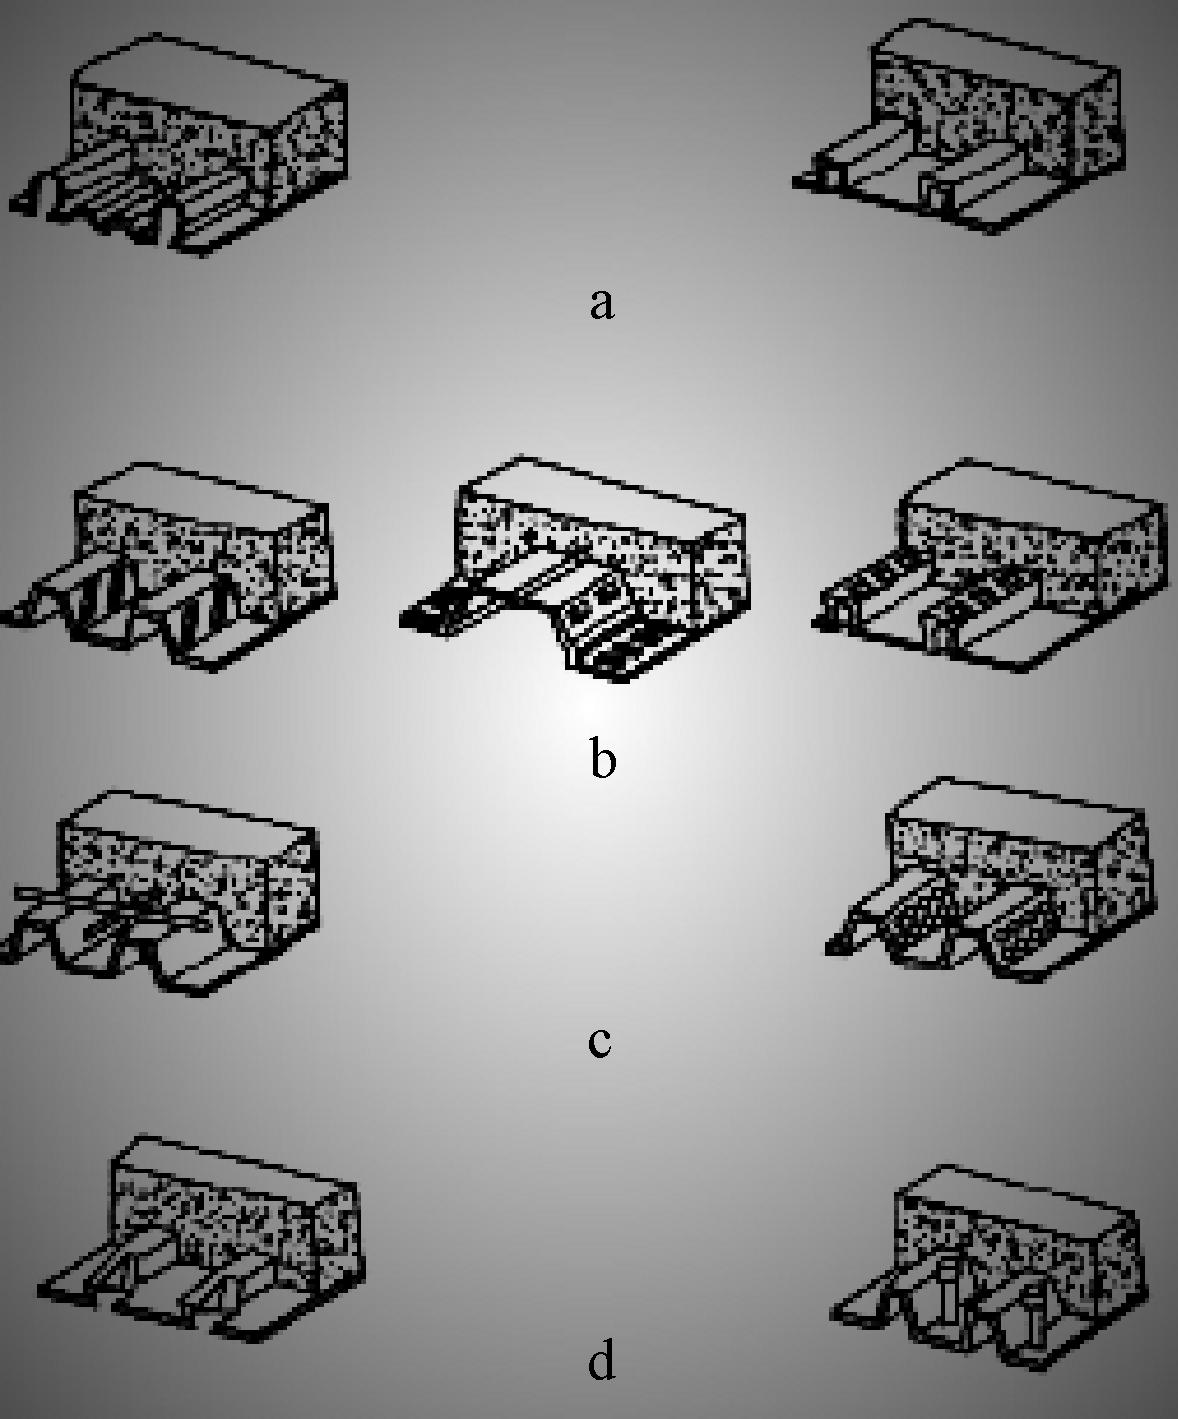 钢骨架轻型板代替压型钢板施工工艺